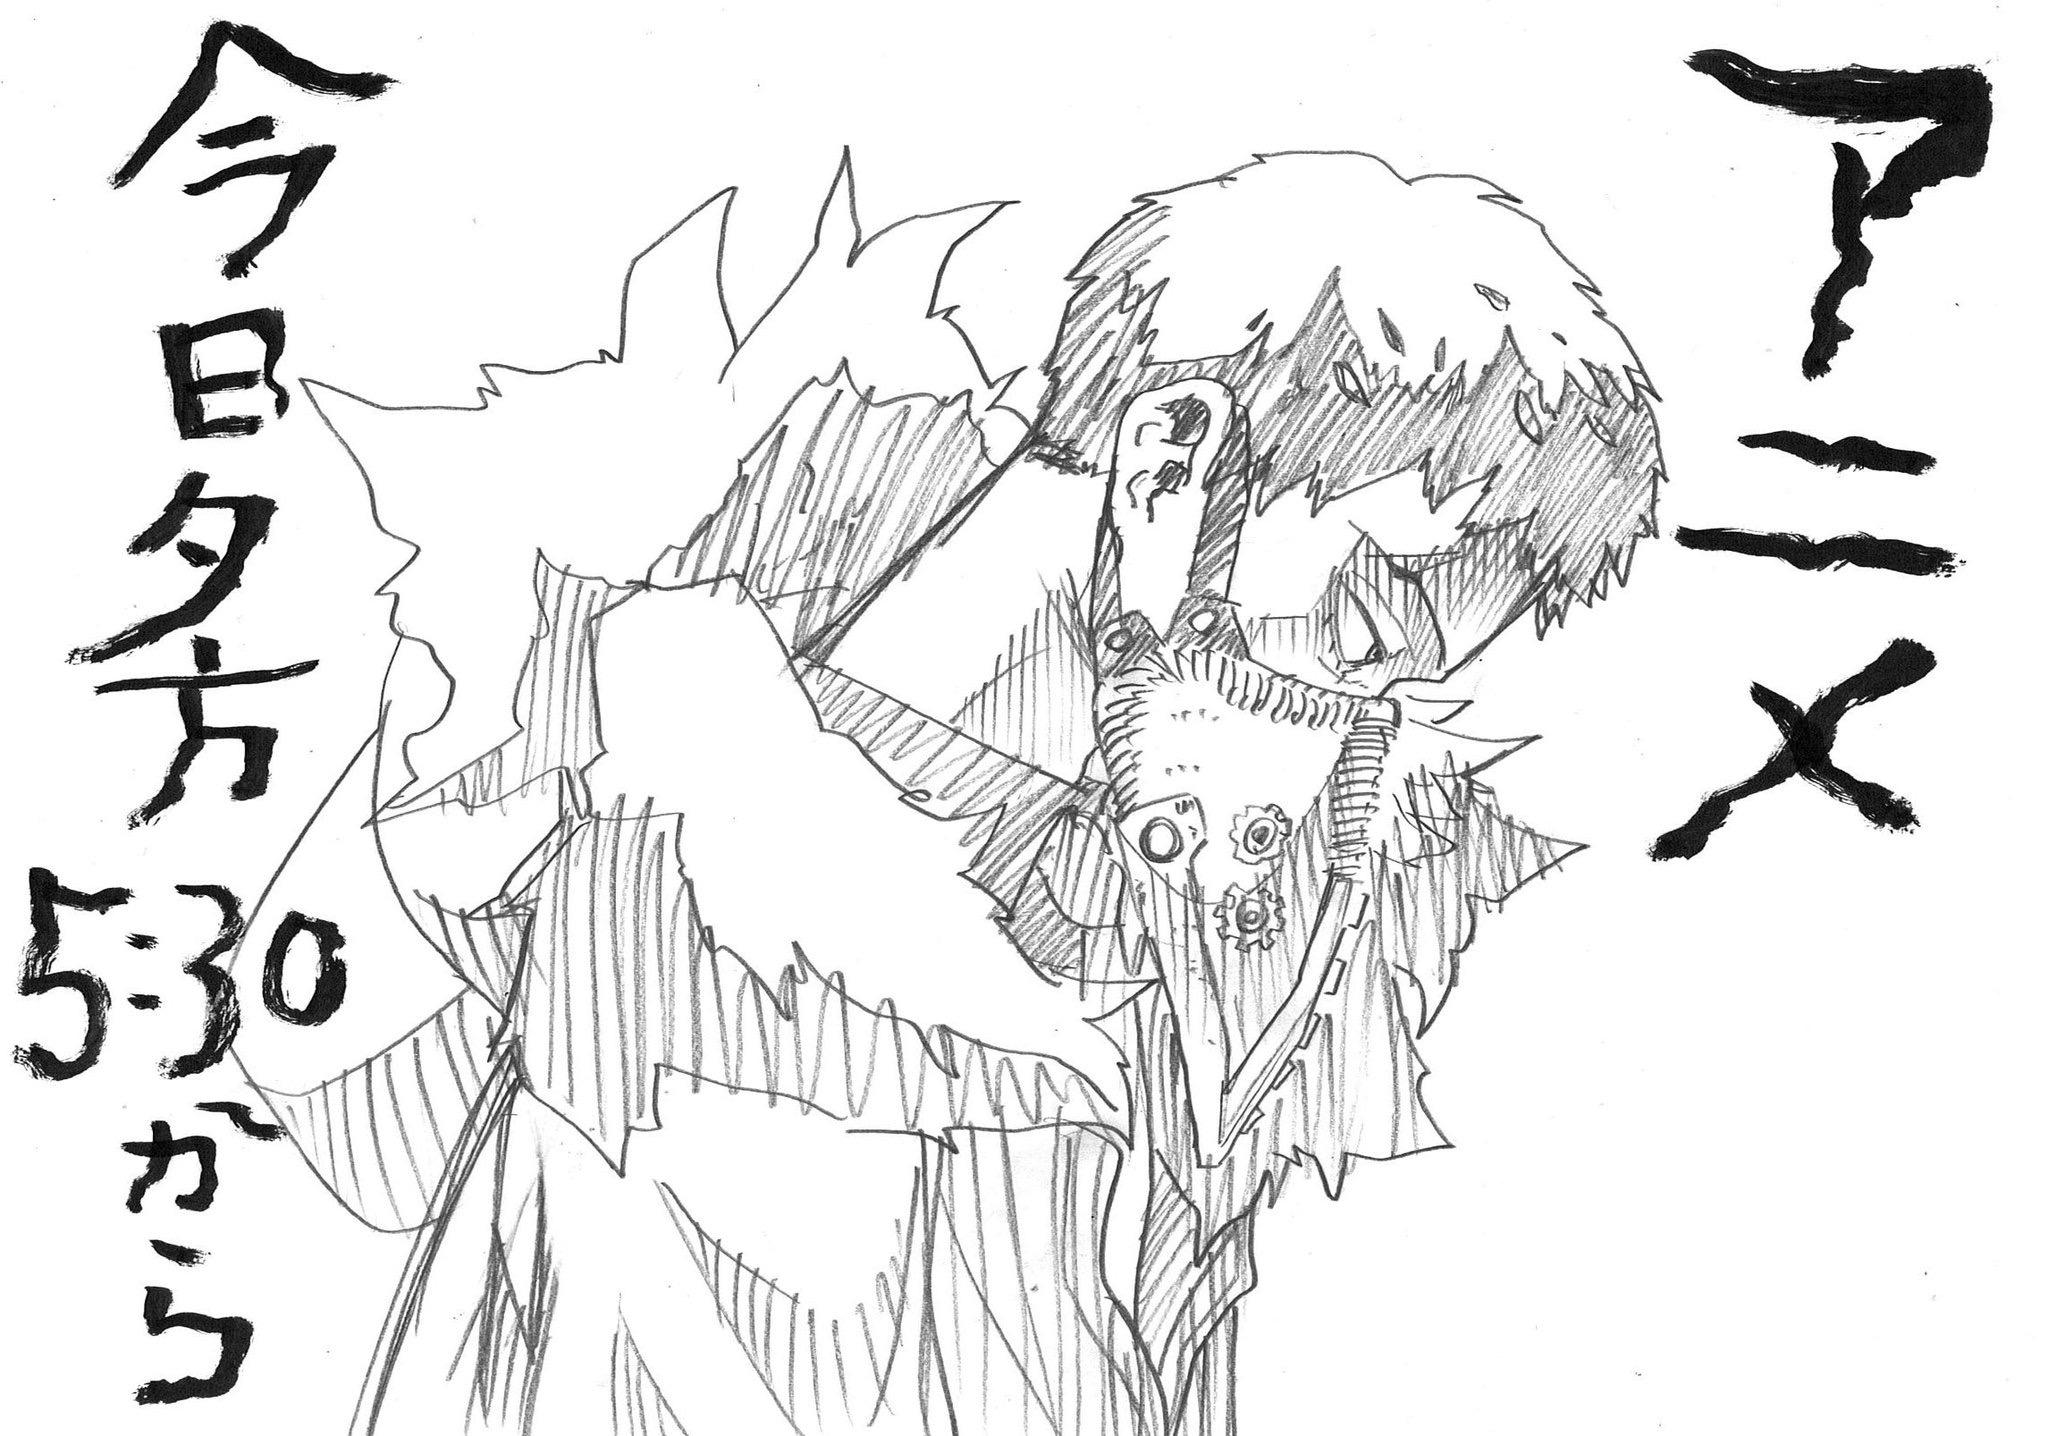 Episode 70 Sketch